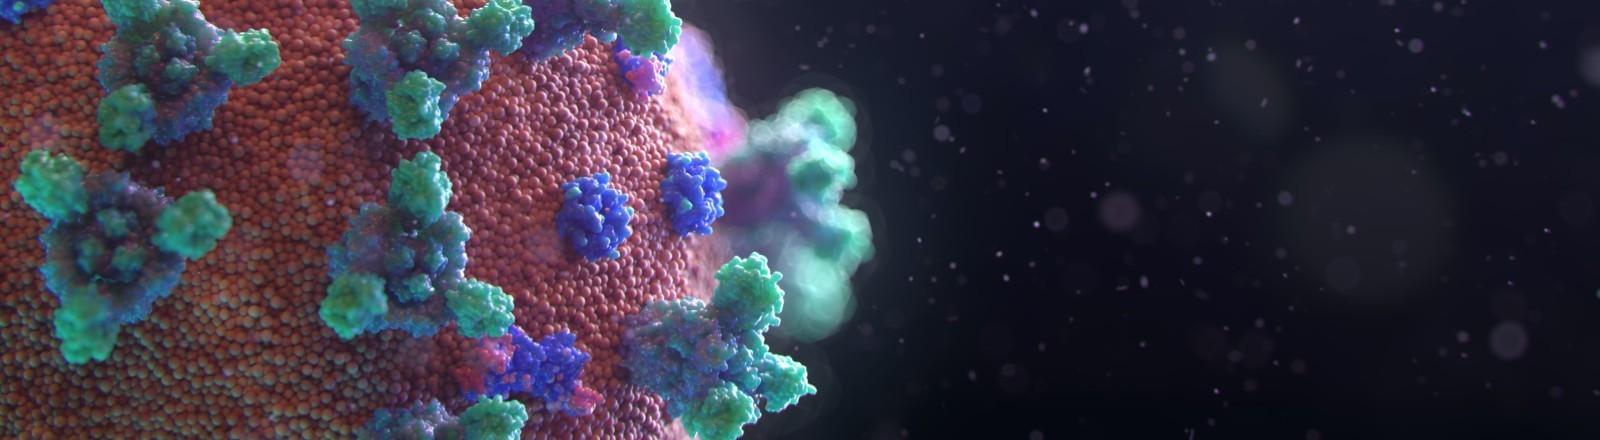 Eine Visualisierung des Corona-Virus